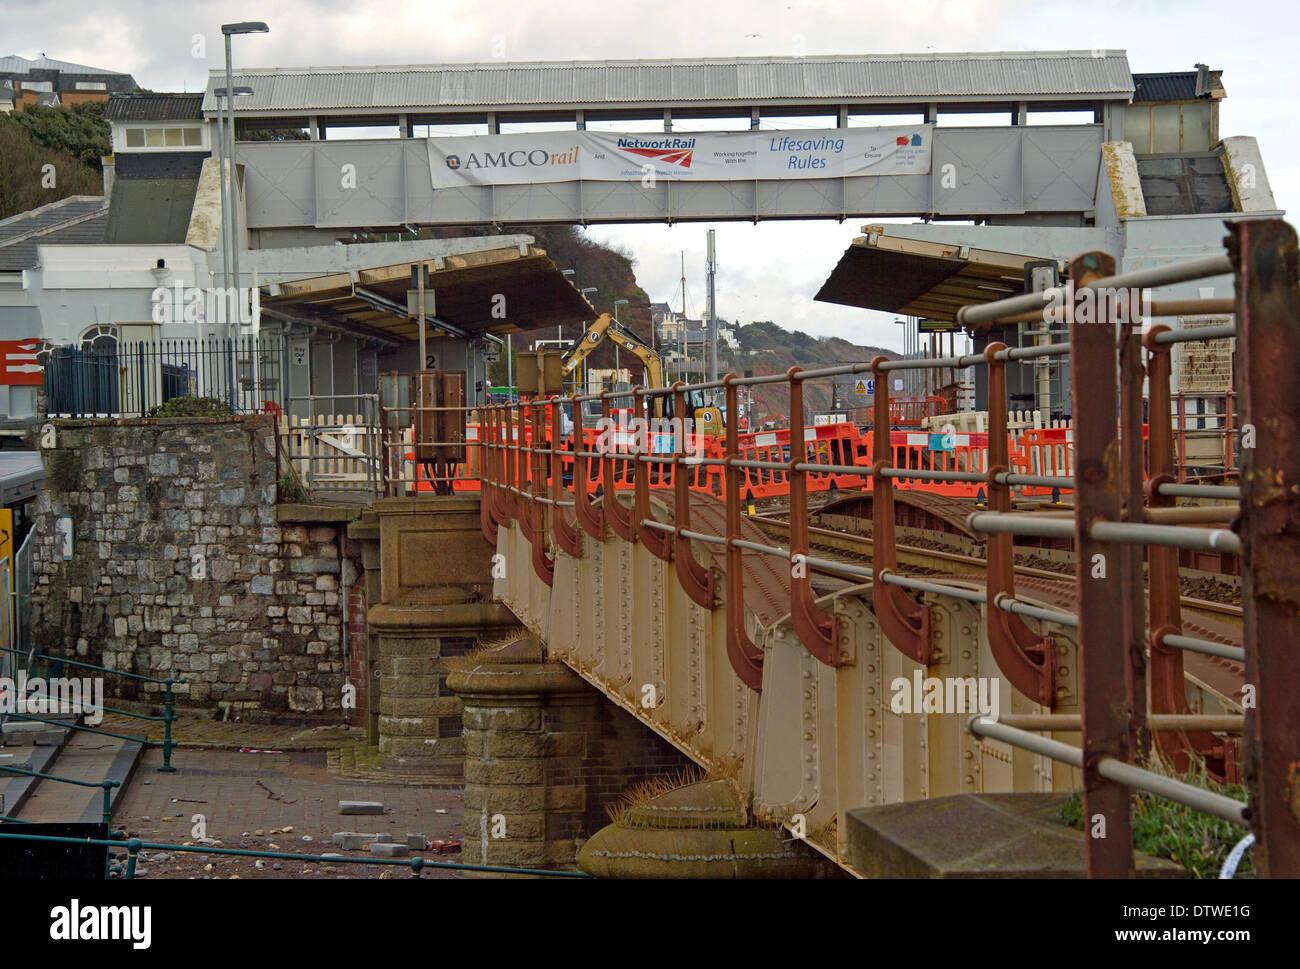 Dawlish Railway Repairs - Stock Image